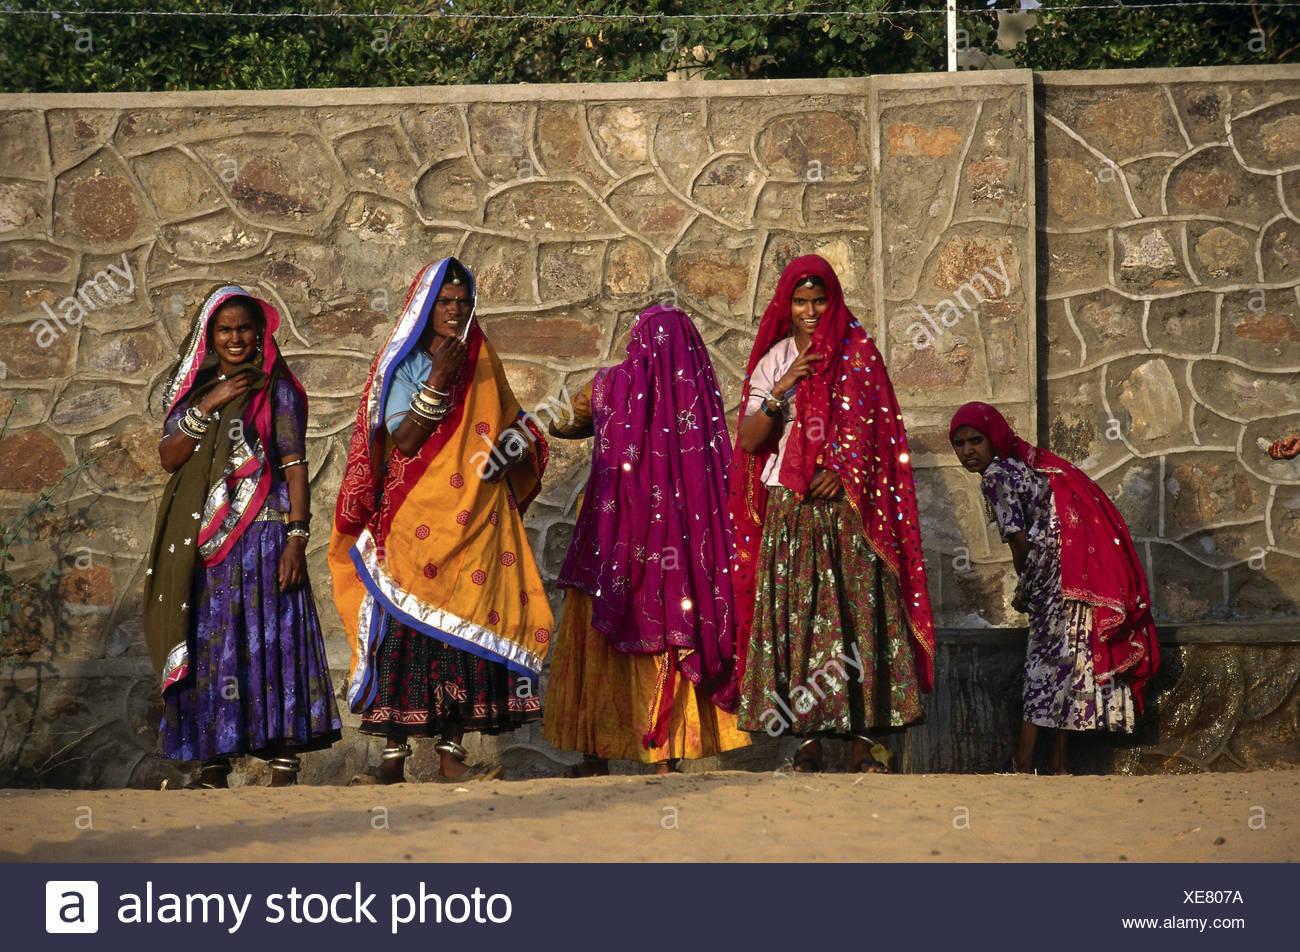 Algunas personas, mujeres, India, mujeres, lavarse, Pushkar, Rajastán, Asia, mujer, higiene personal, Sari, indio, etnología, eth Imagen De Stock